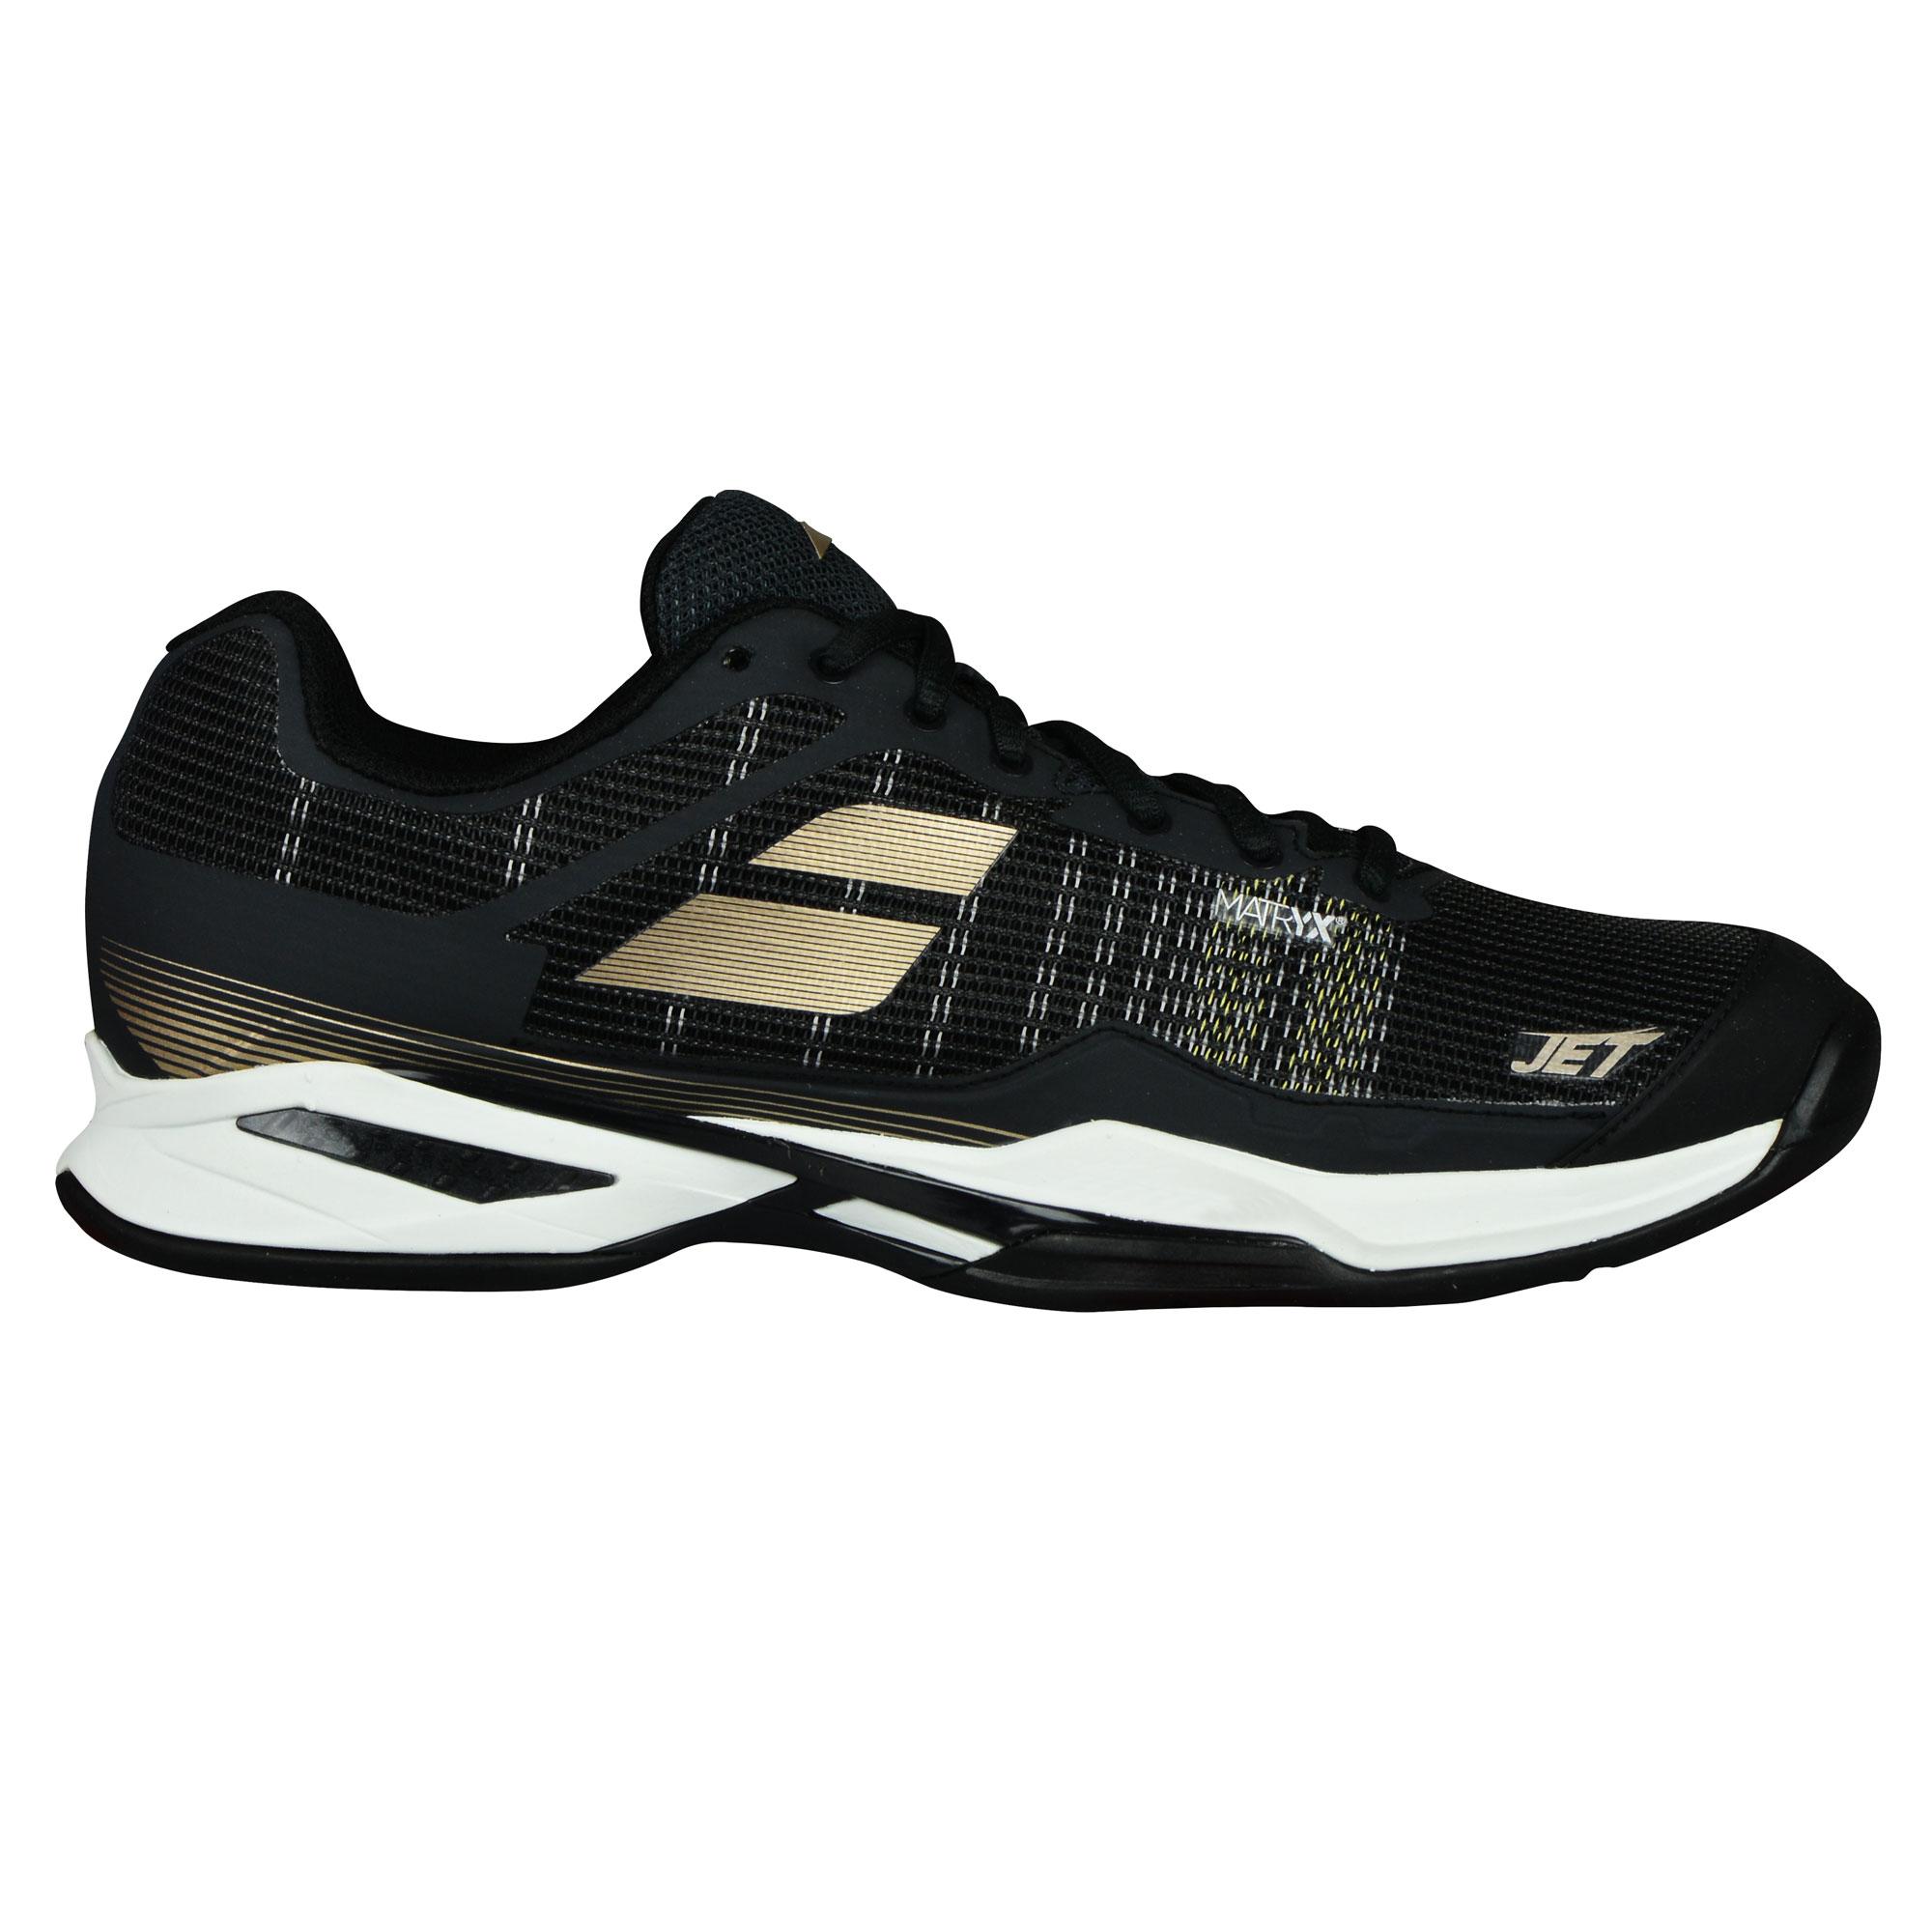 Afbeelding van Babolat Jet Mach I Clay 30S18650 Tennisschoenen Heren Black EU 42 1/2